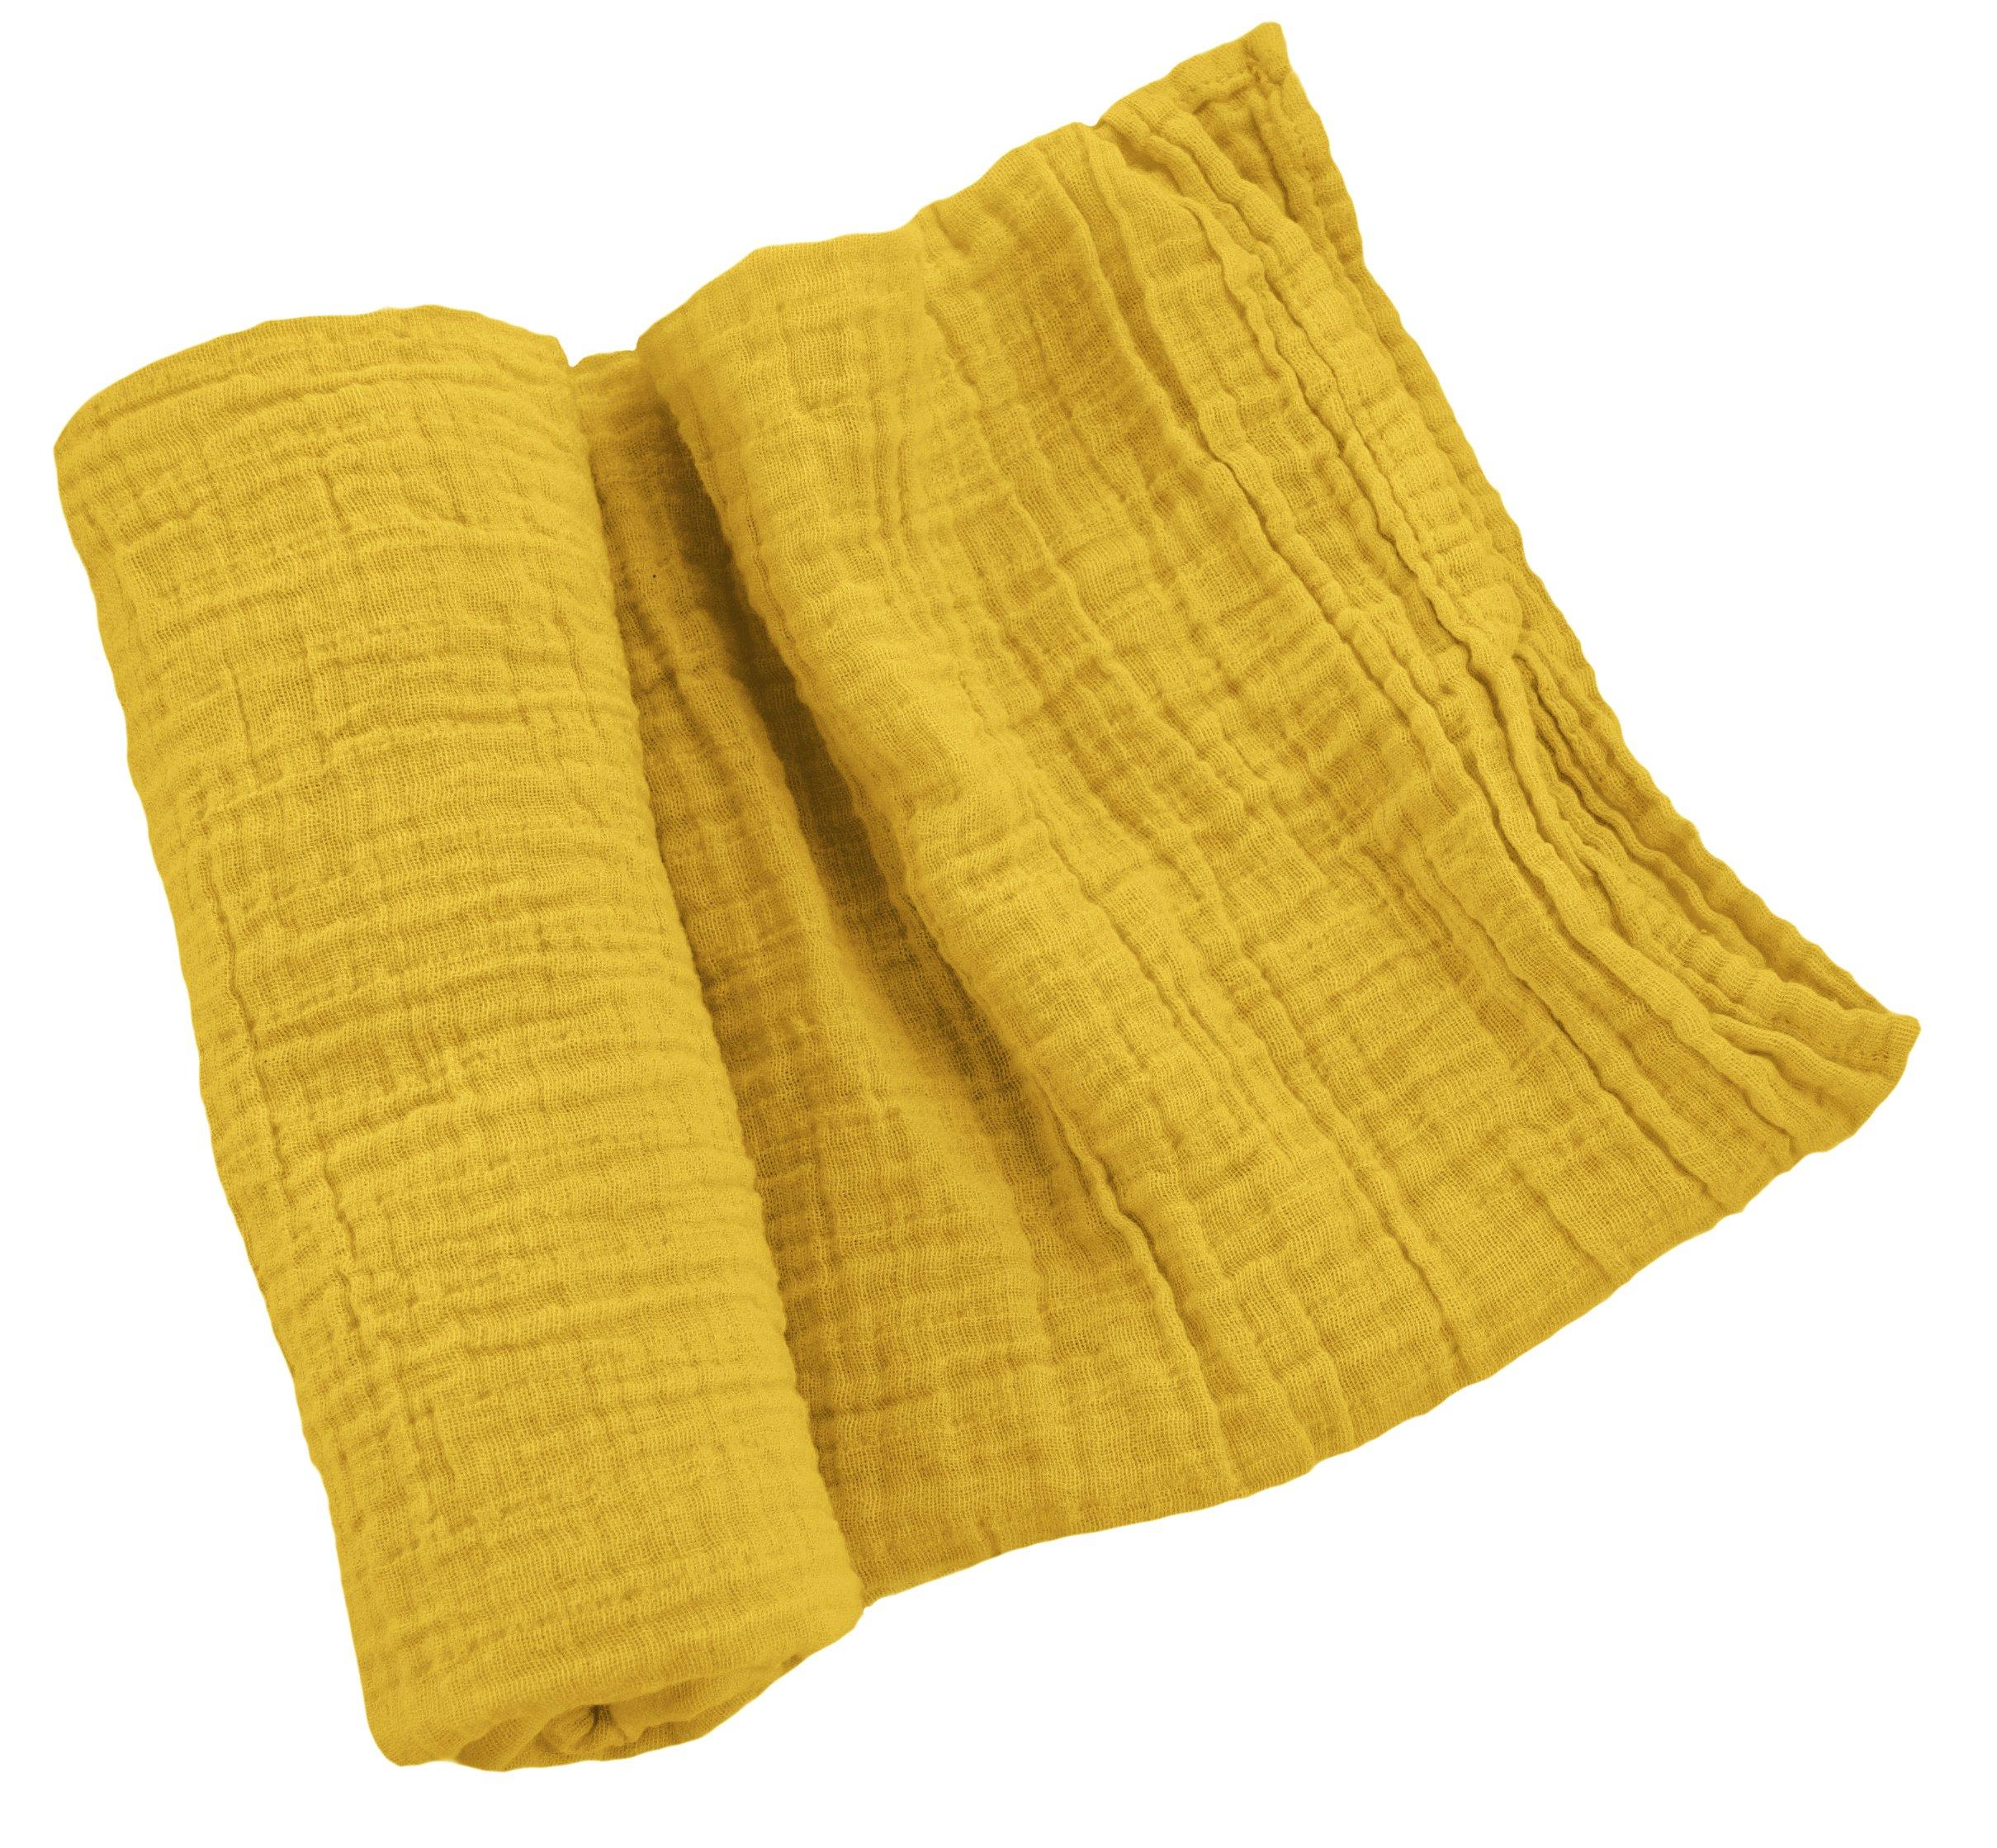 100% Cotton Muslin Swaddle Blanket (Mustard)